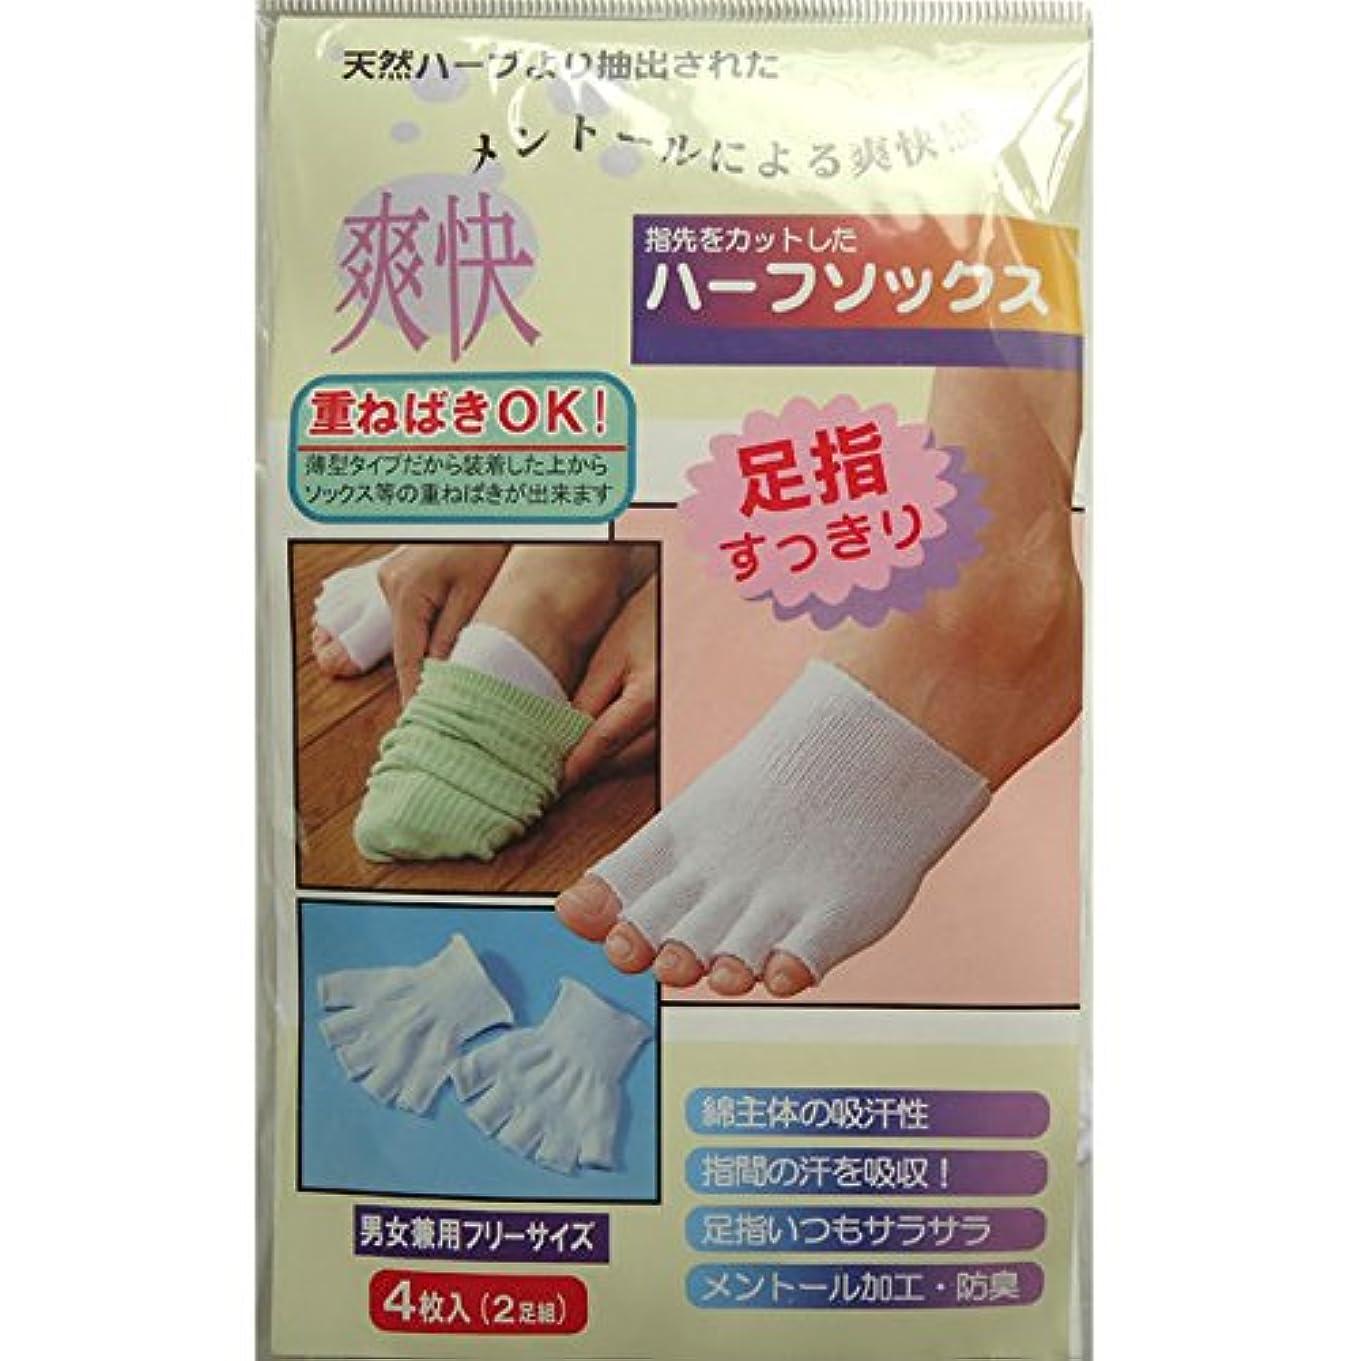 ソーダ水ステープル体細胞日本製 ハーフソックス 5本指 綿 抗菌防臭 メンズ レディースお買得2足組(ホワイト)